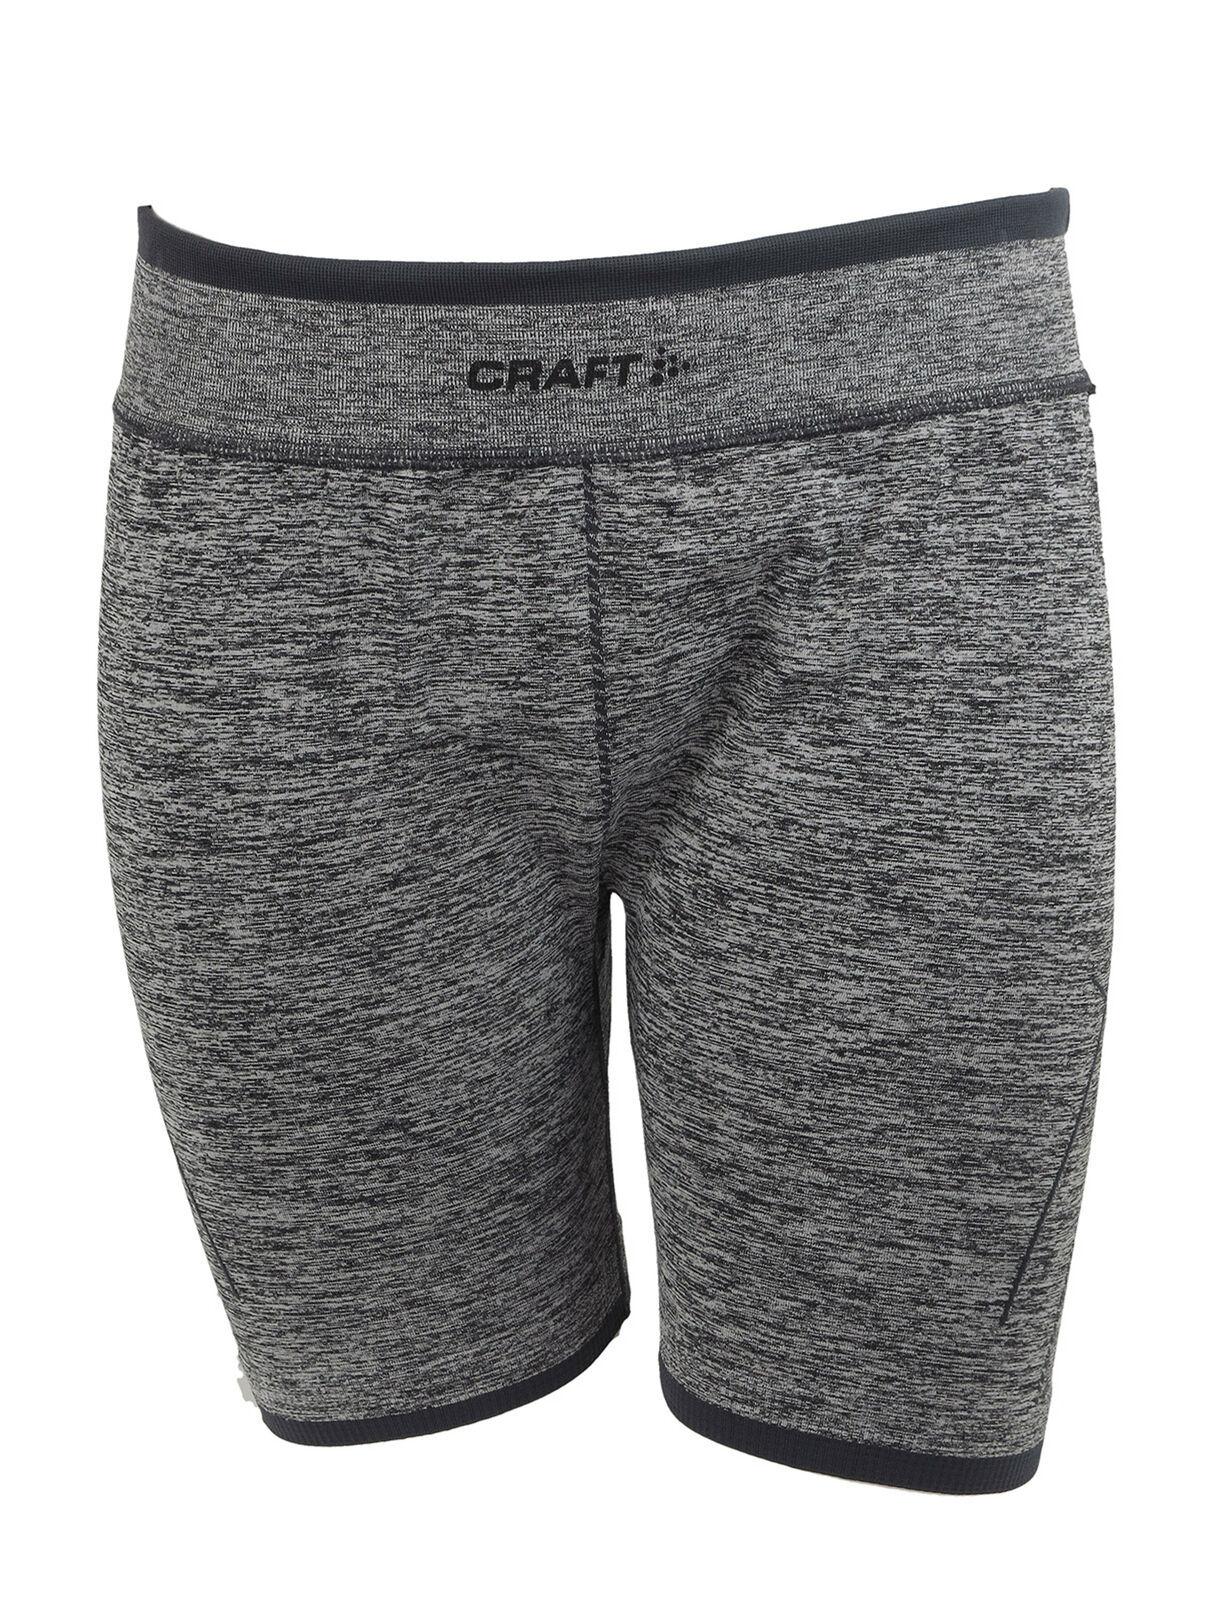 Craft Ladies Sports Underwear Boxer Black/Grey (1903791-b999)